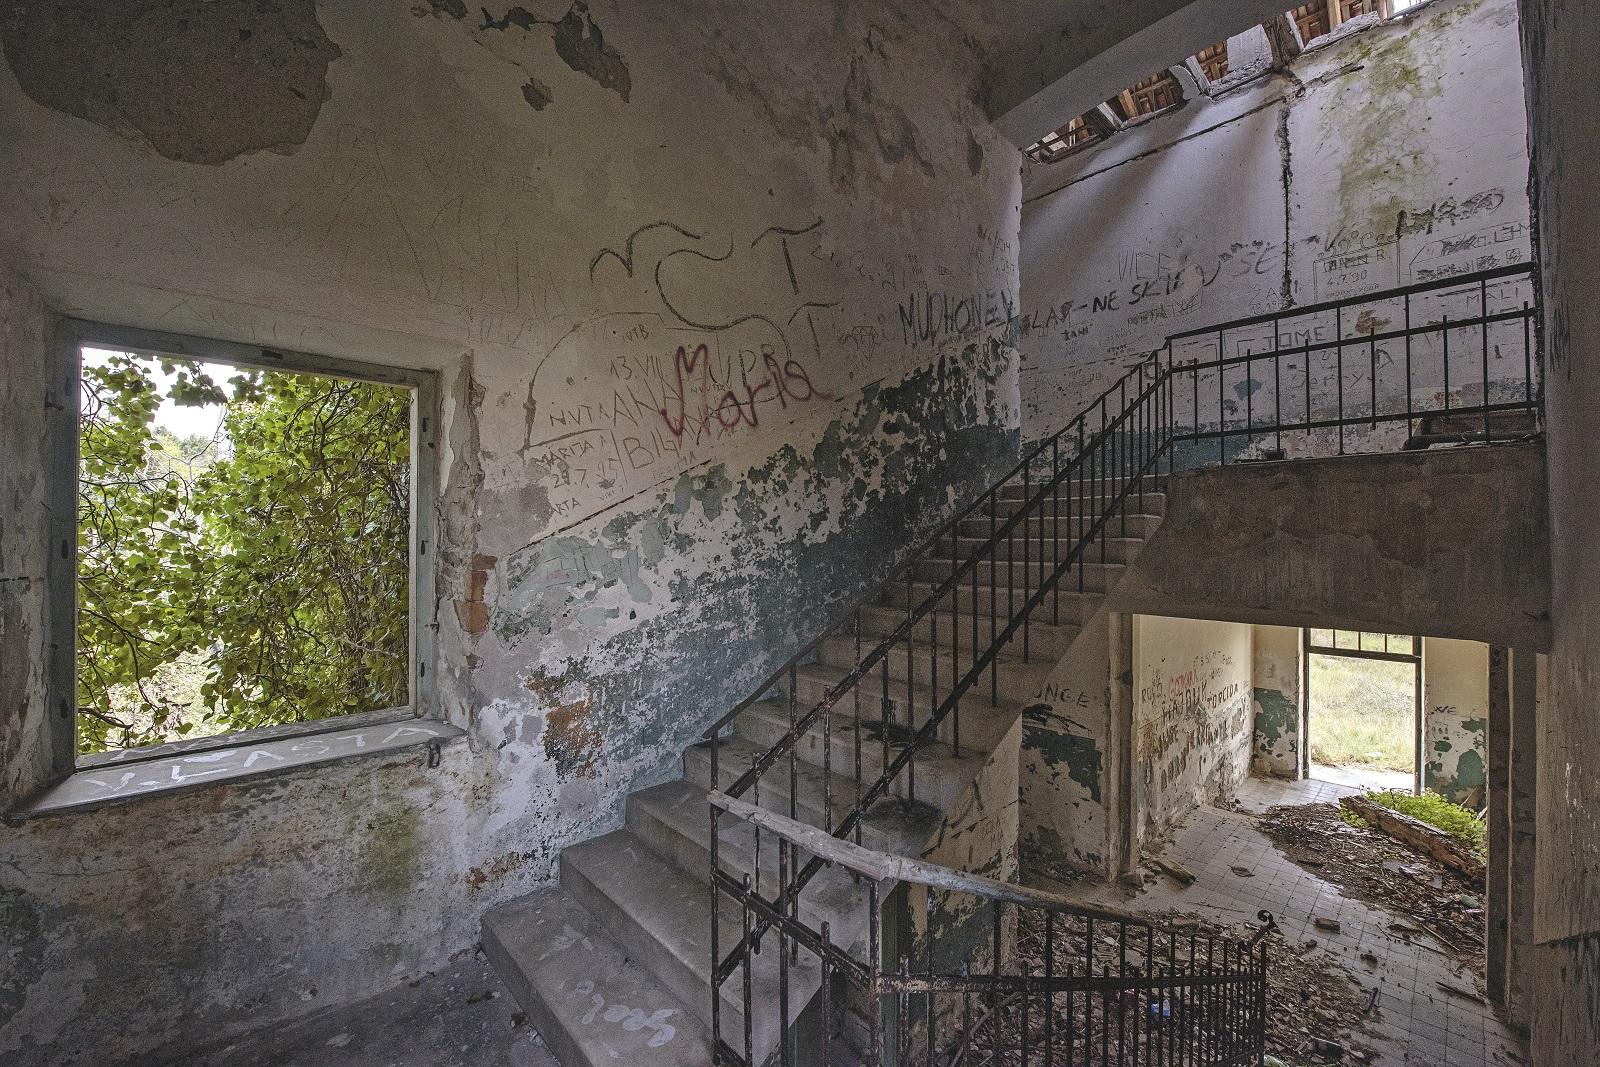 Unutrašnjost stare i napuštene, danas devastirane škole